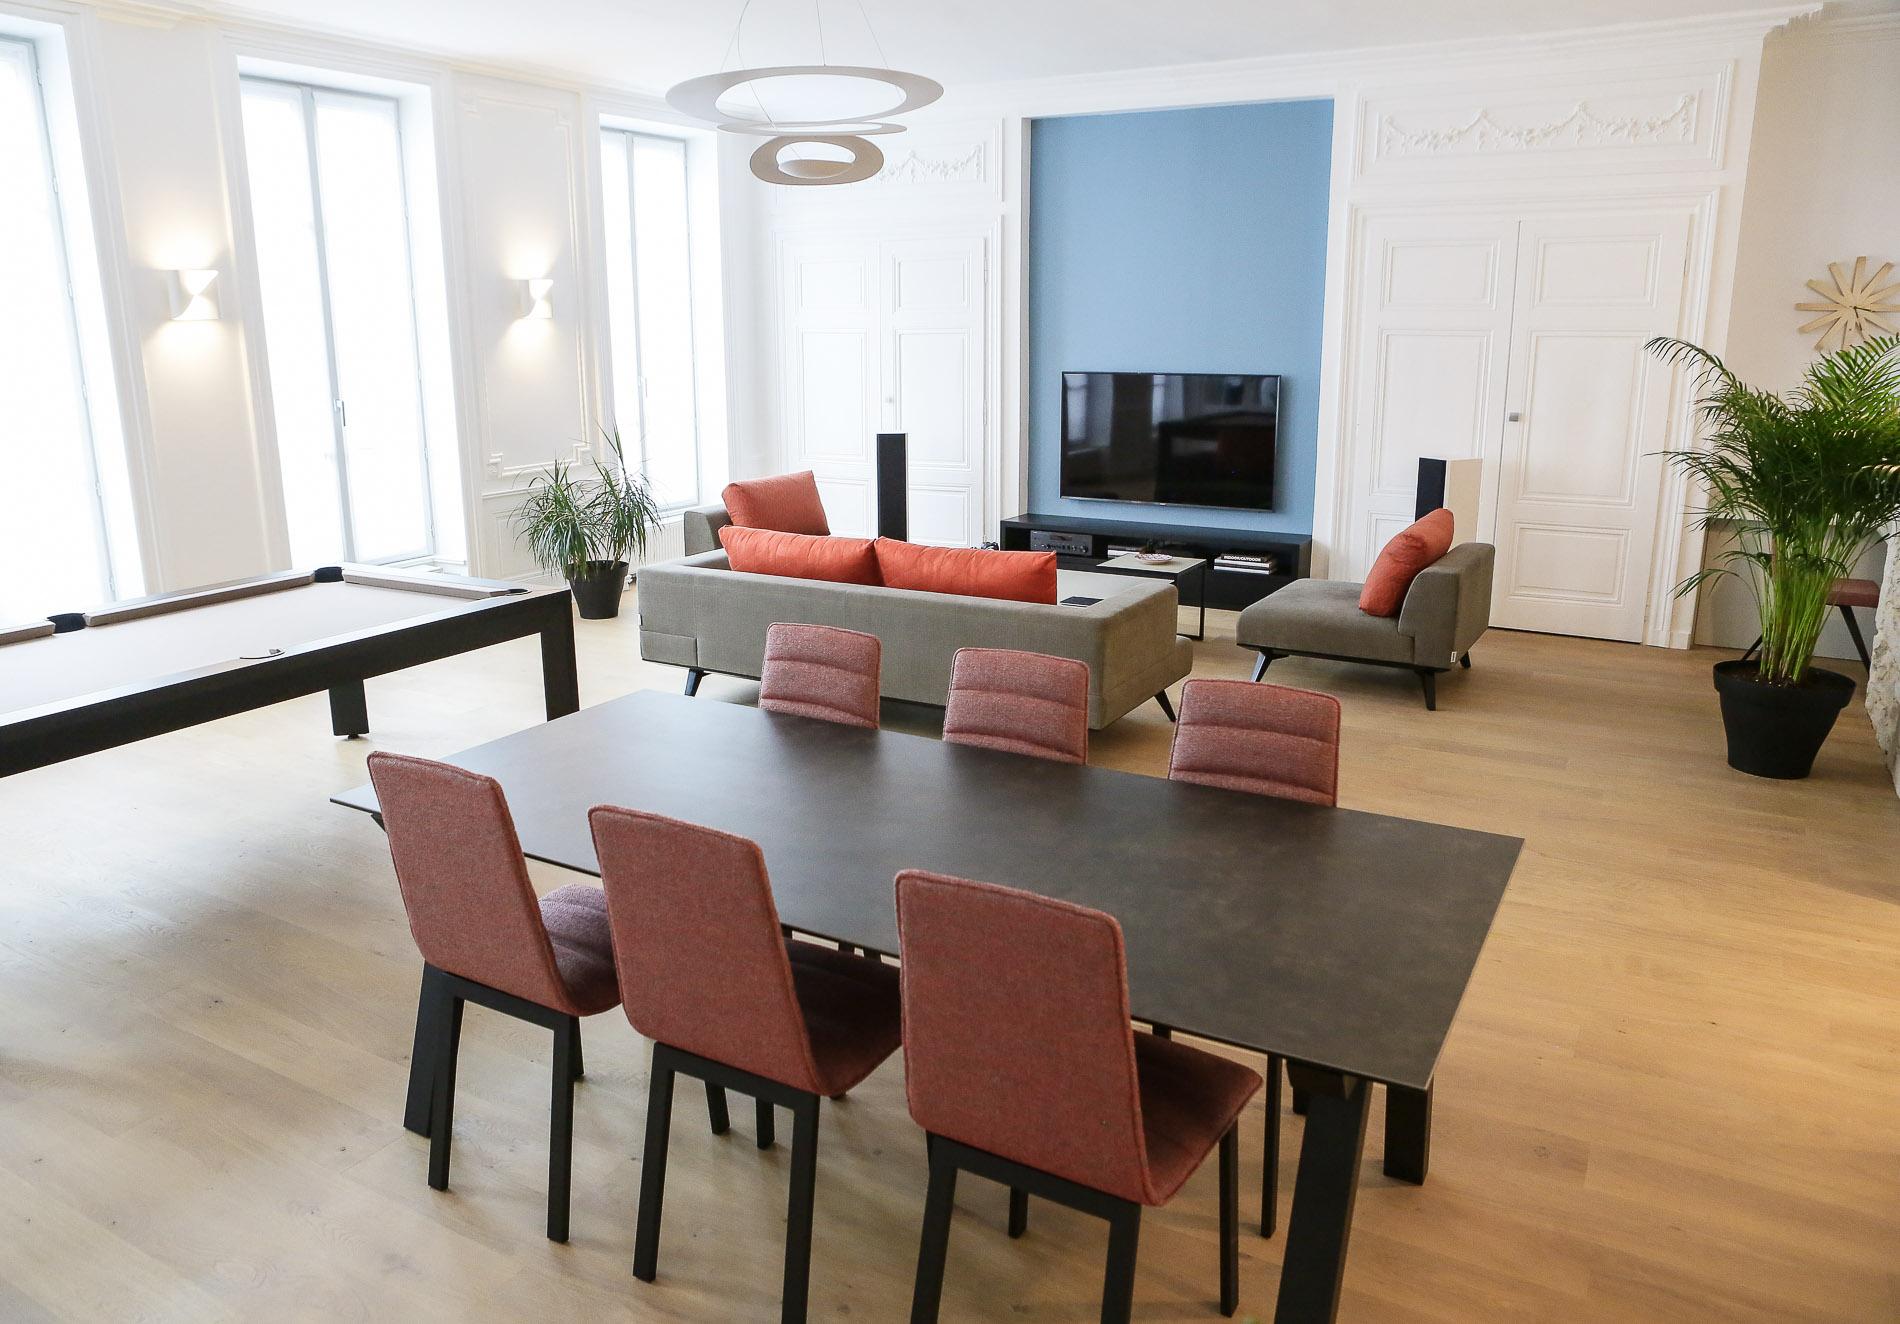 d%C3%A9coratrice-dint%C3%A9rieurs-appartement-lyon-2-d%C3%A9coration-salle-%C3%A0-manger-salon-design-canap%C3%A9-meubles-sur-mesure-billard-luminaires-agence-myriam-wozniak-4 Frais De Meuble Salle A Manger Concept